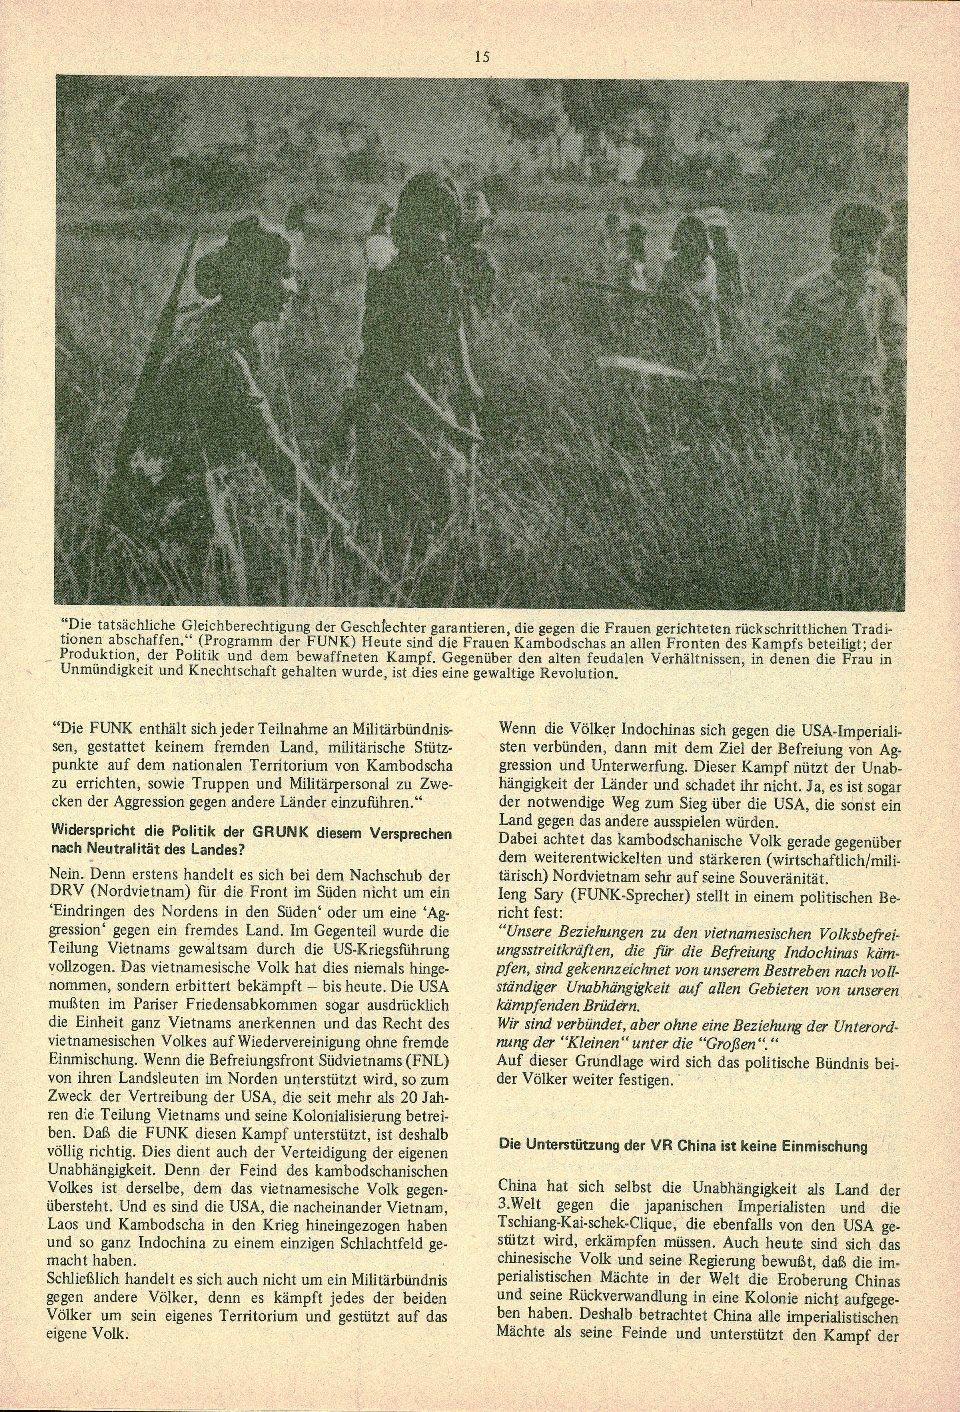 Kambodscha_1974_Das_Volk_besiegt_den_Imperialismus015